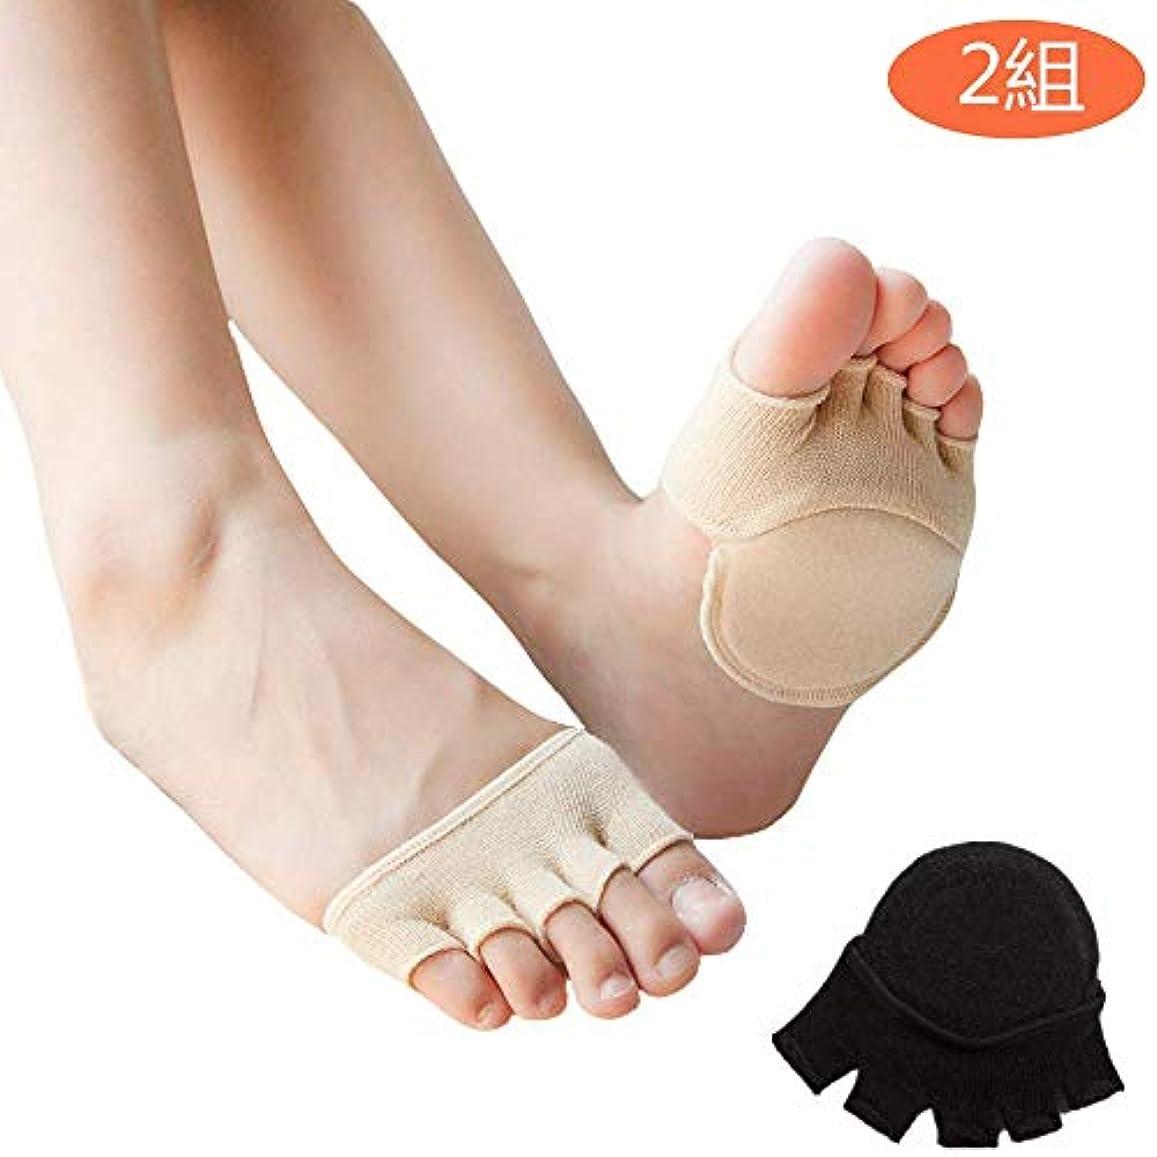 大気強打反逆つま先 5本指 足底クッション付き 前足サポーター 足の臭い対策 フットカバー ヨガ用靴下 浅い靴下半分つま先 夏 超薄型 (2組)